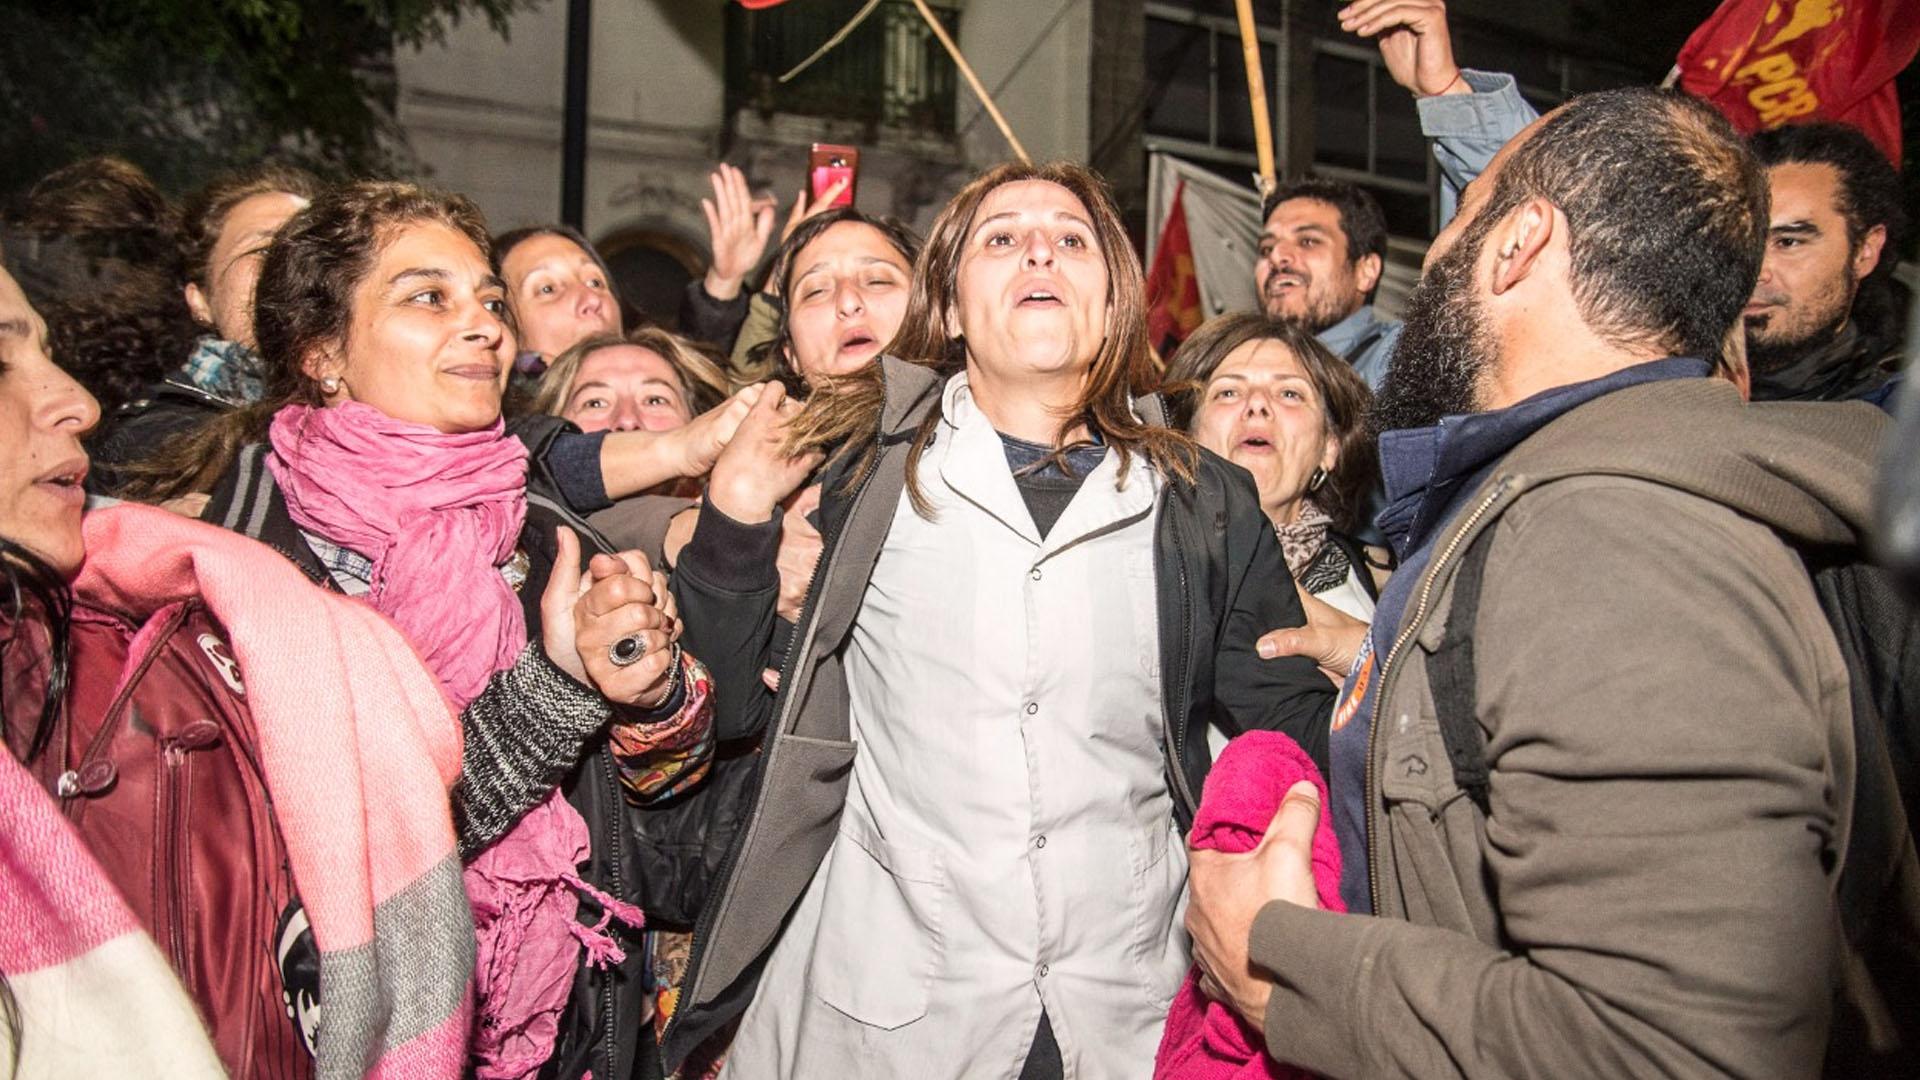 Varios detenidos por los incidentes fueron liberados durante la madrugada.